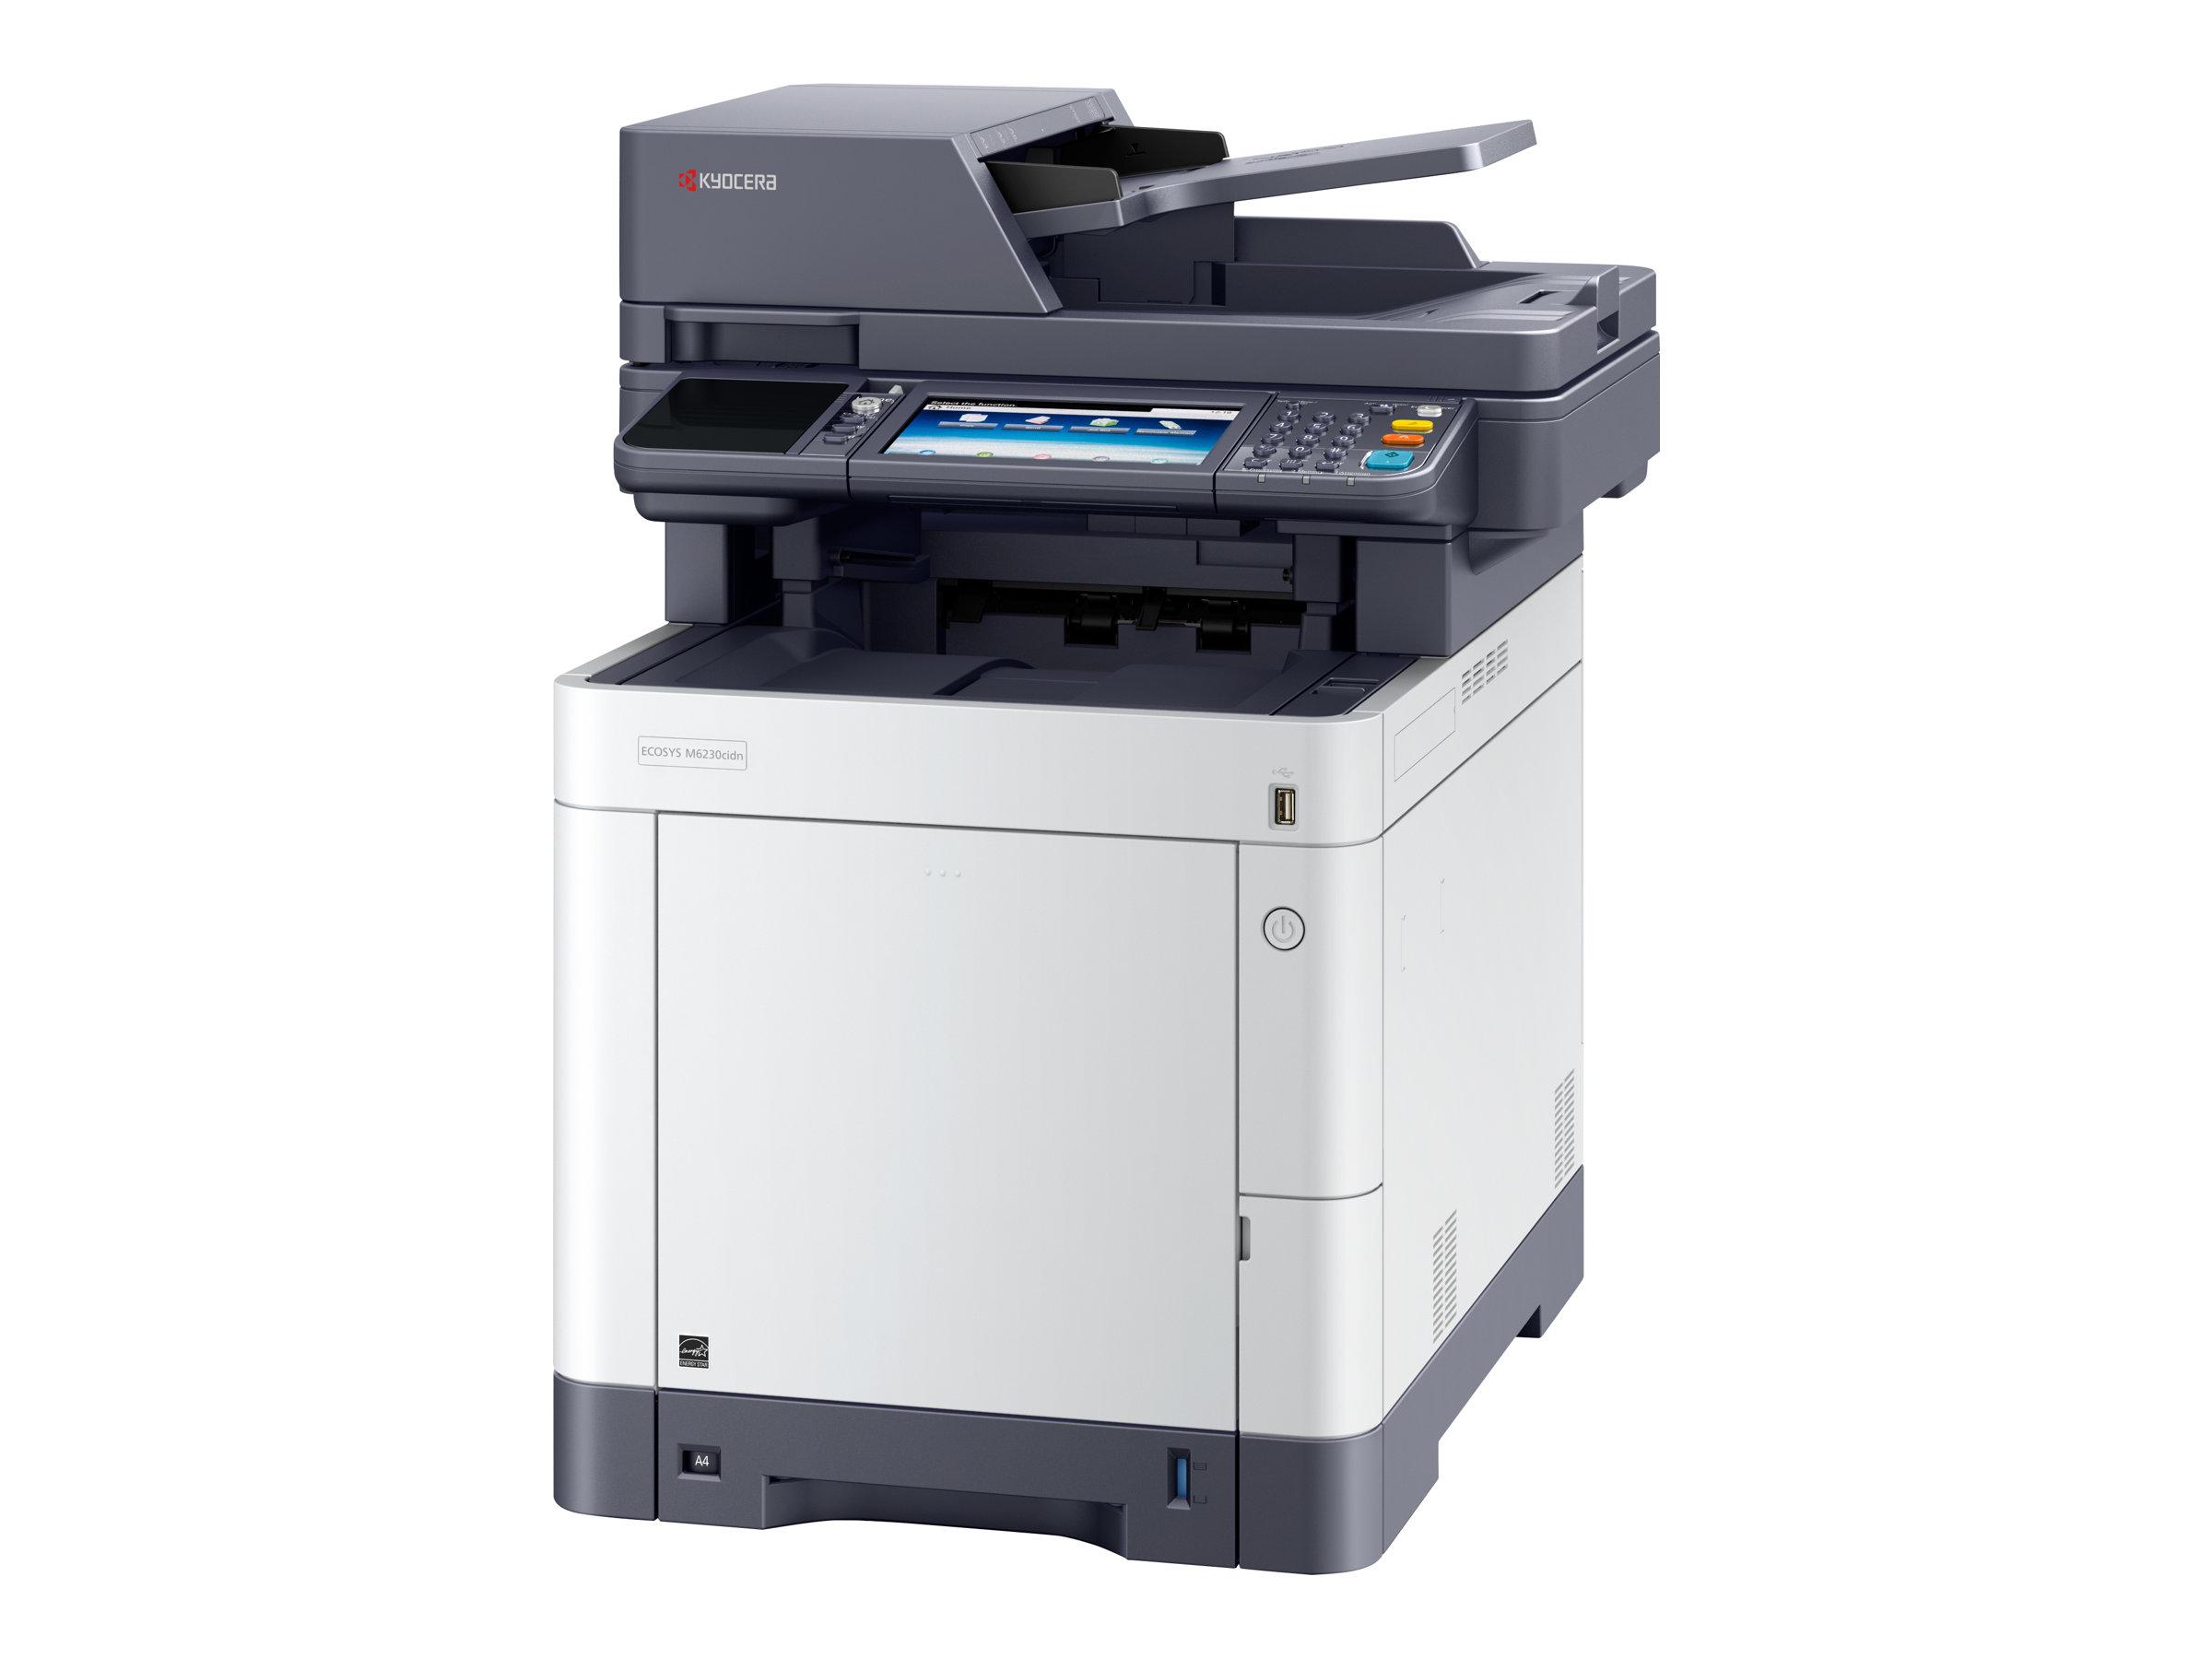 Kyocera ECOSYS M6230cidn - Multifunktionsdrucker - Farbe - Laser - Legal (216 x 356 mm)/